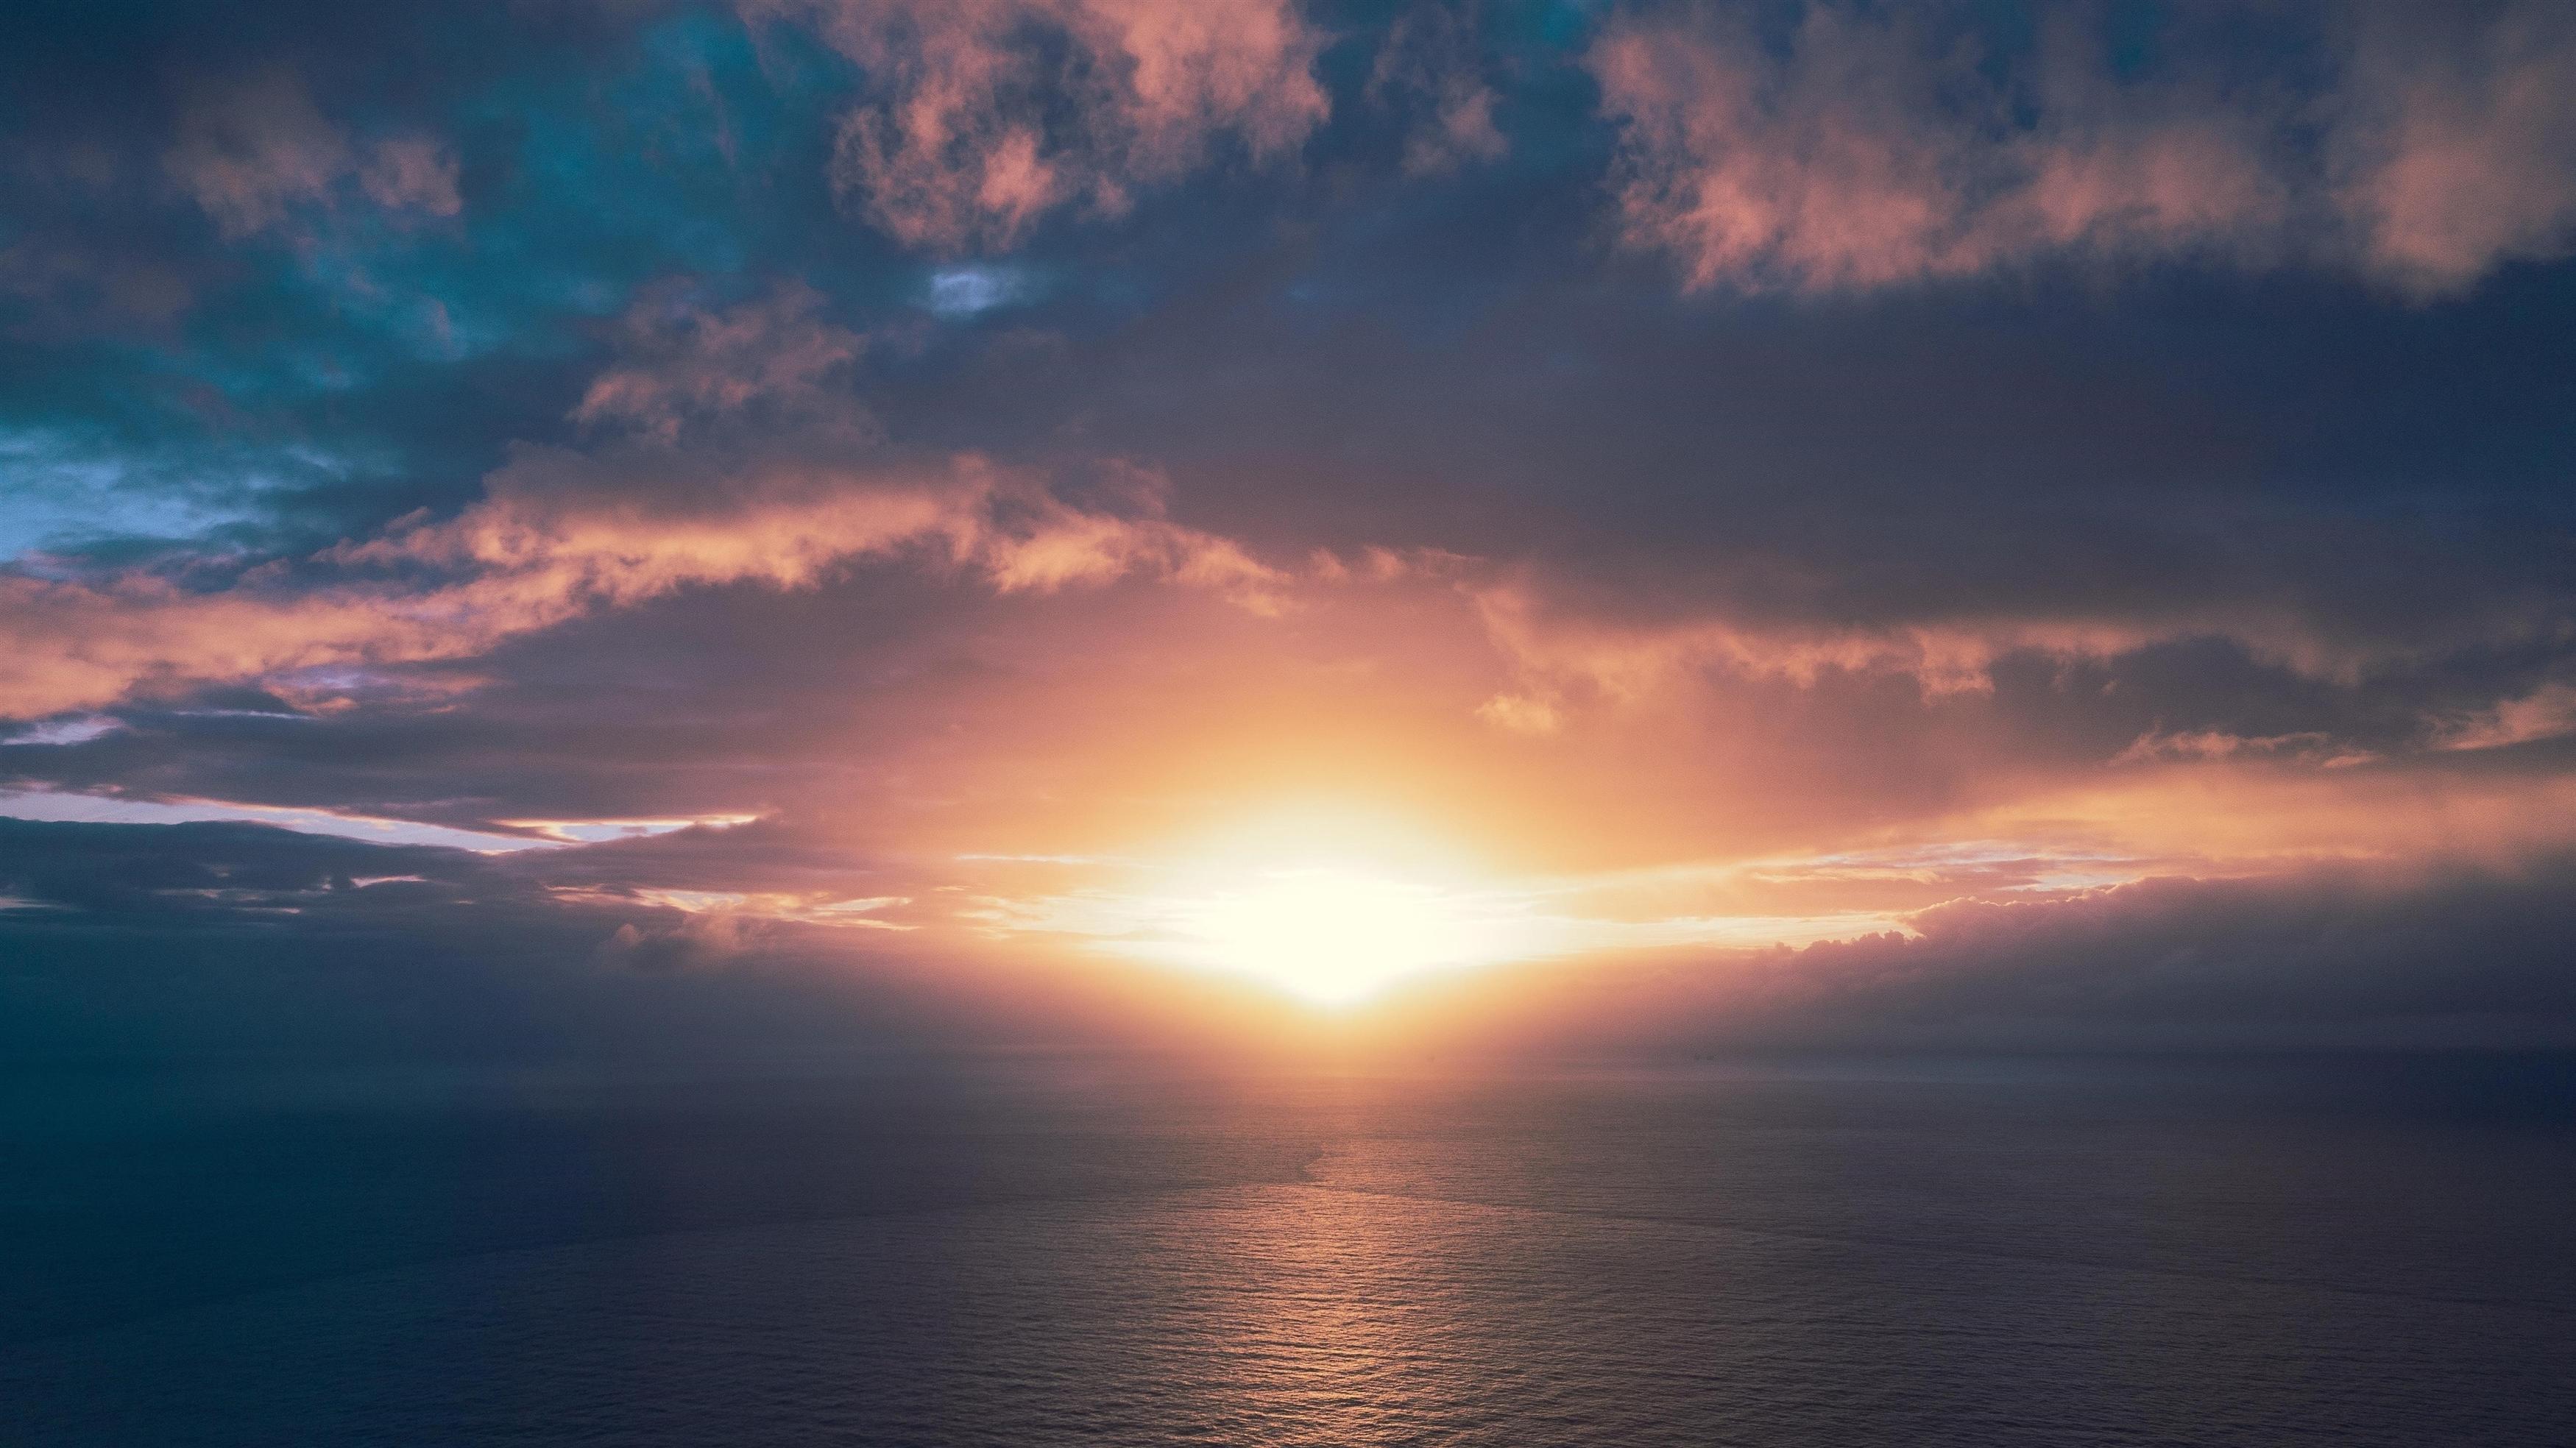 Закат горизонт морской пейзаж обои скачать